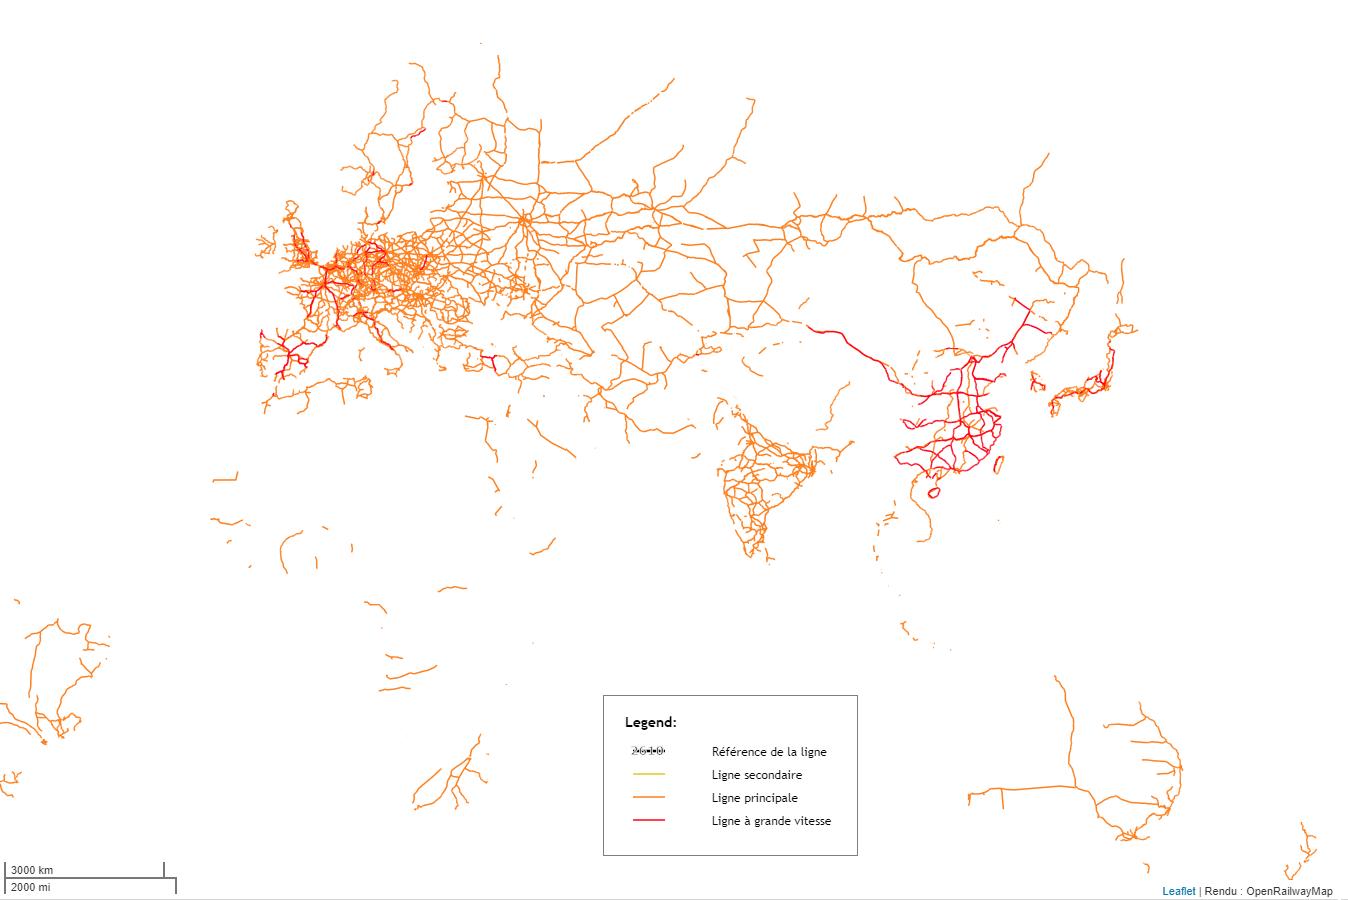 Carte des voies ferrées et des LGV en Europe Asie Afrique Australie